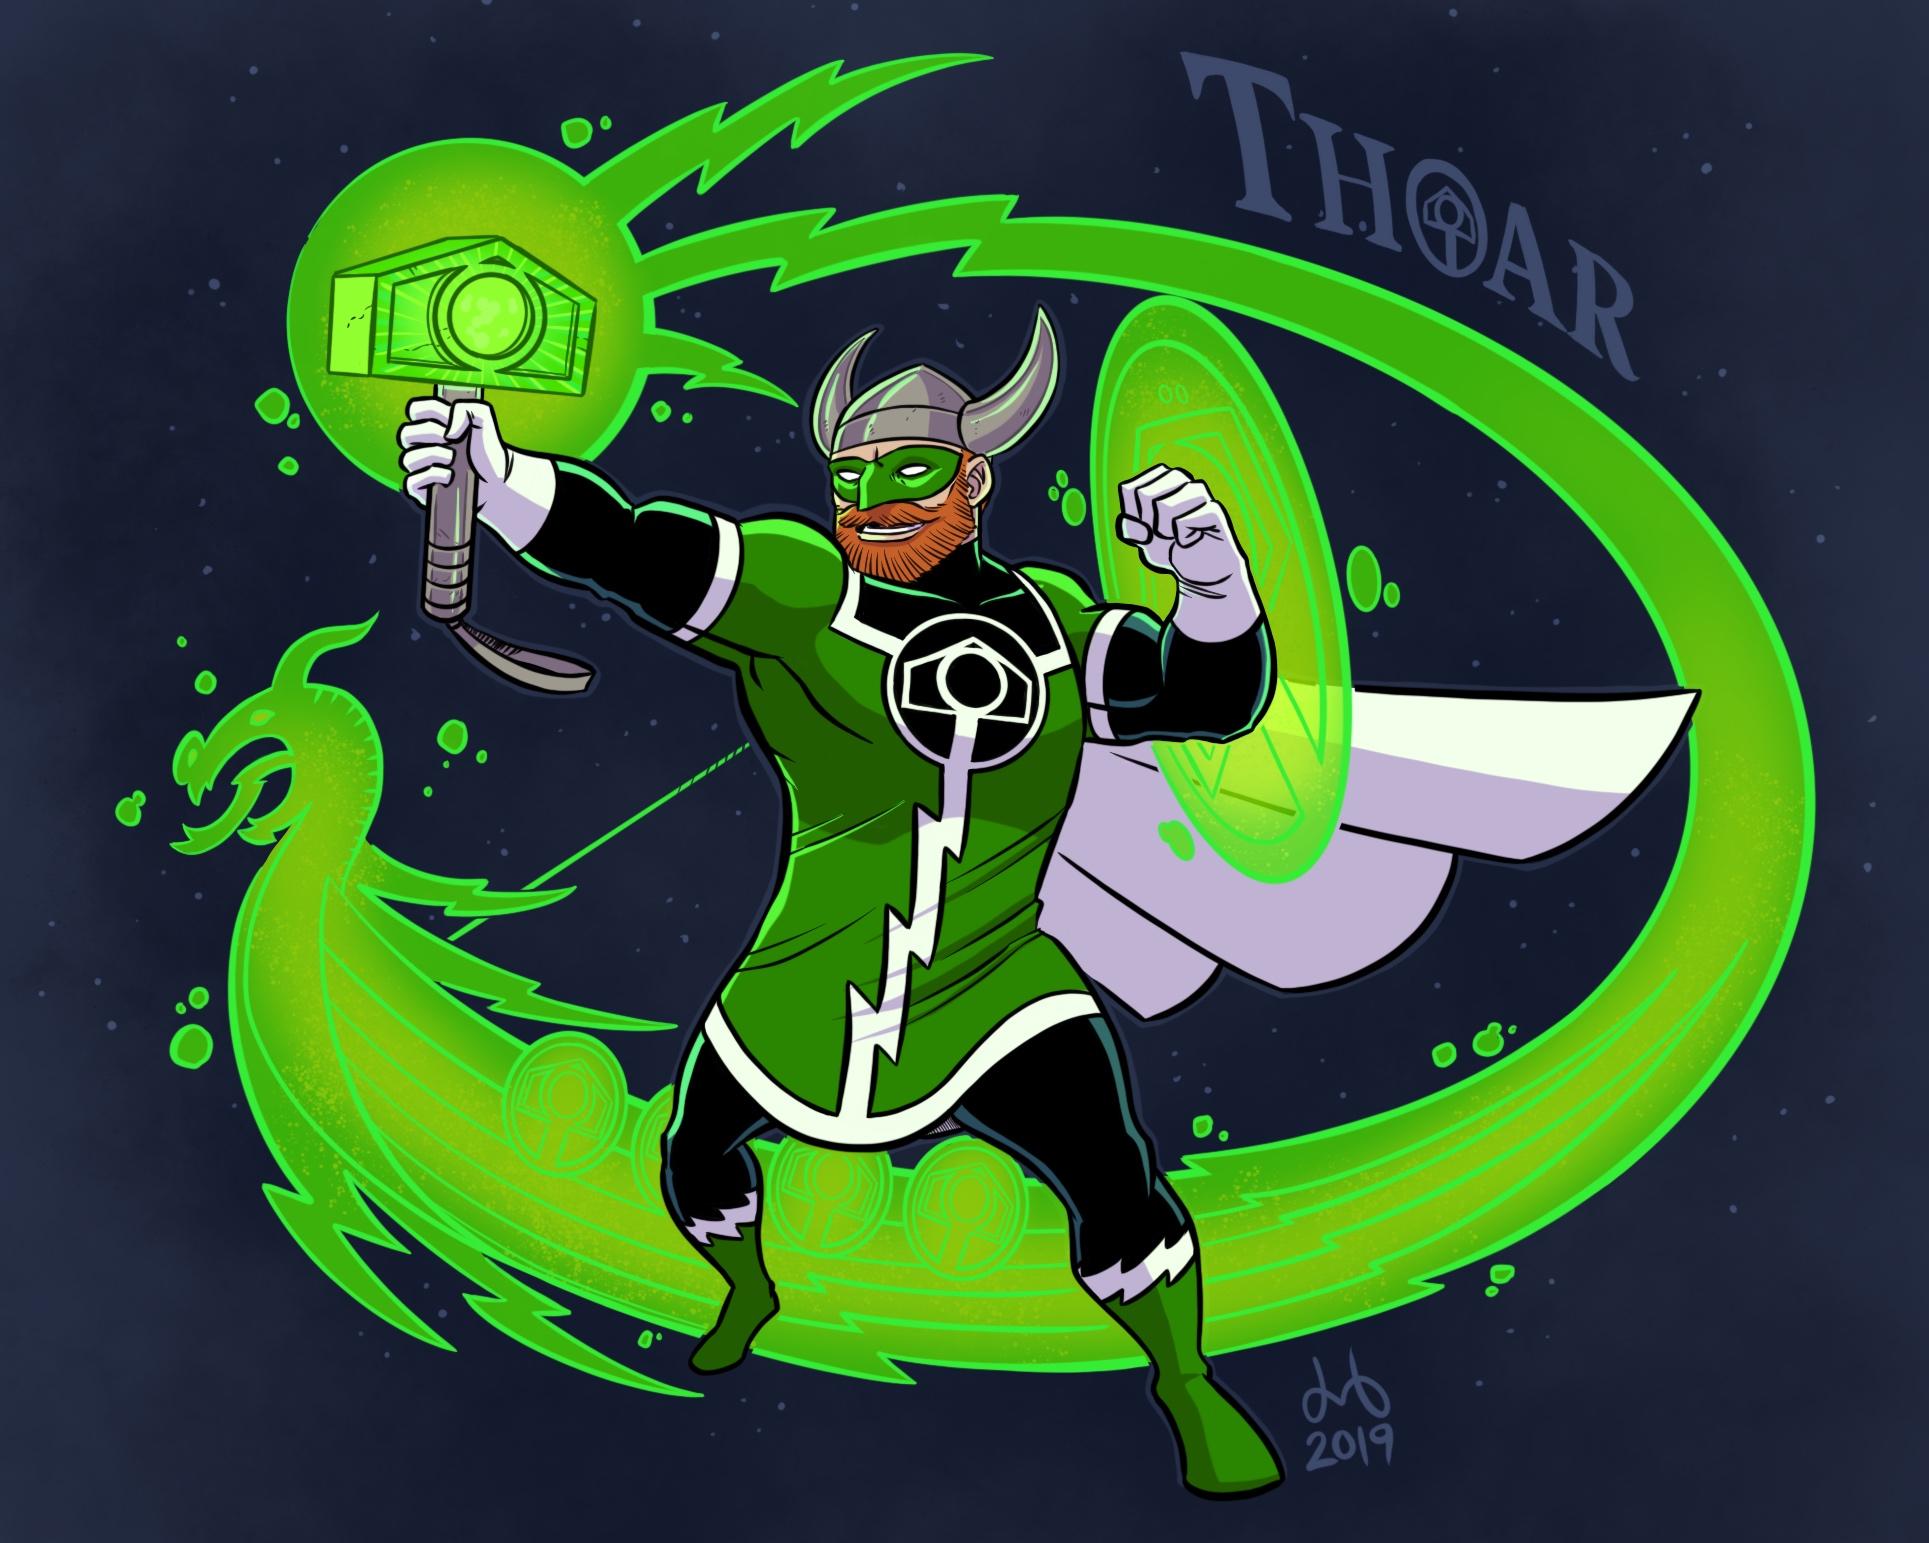 Thoar